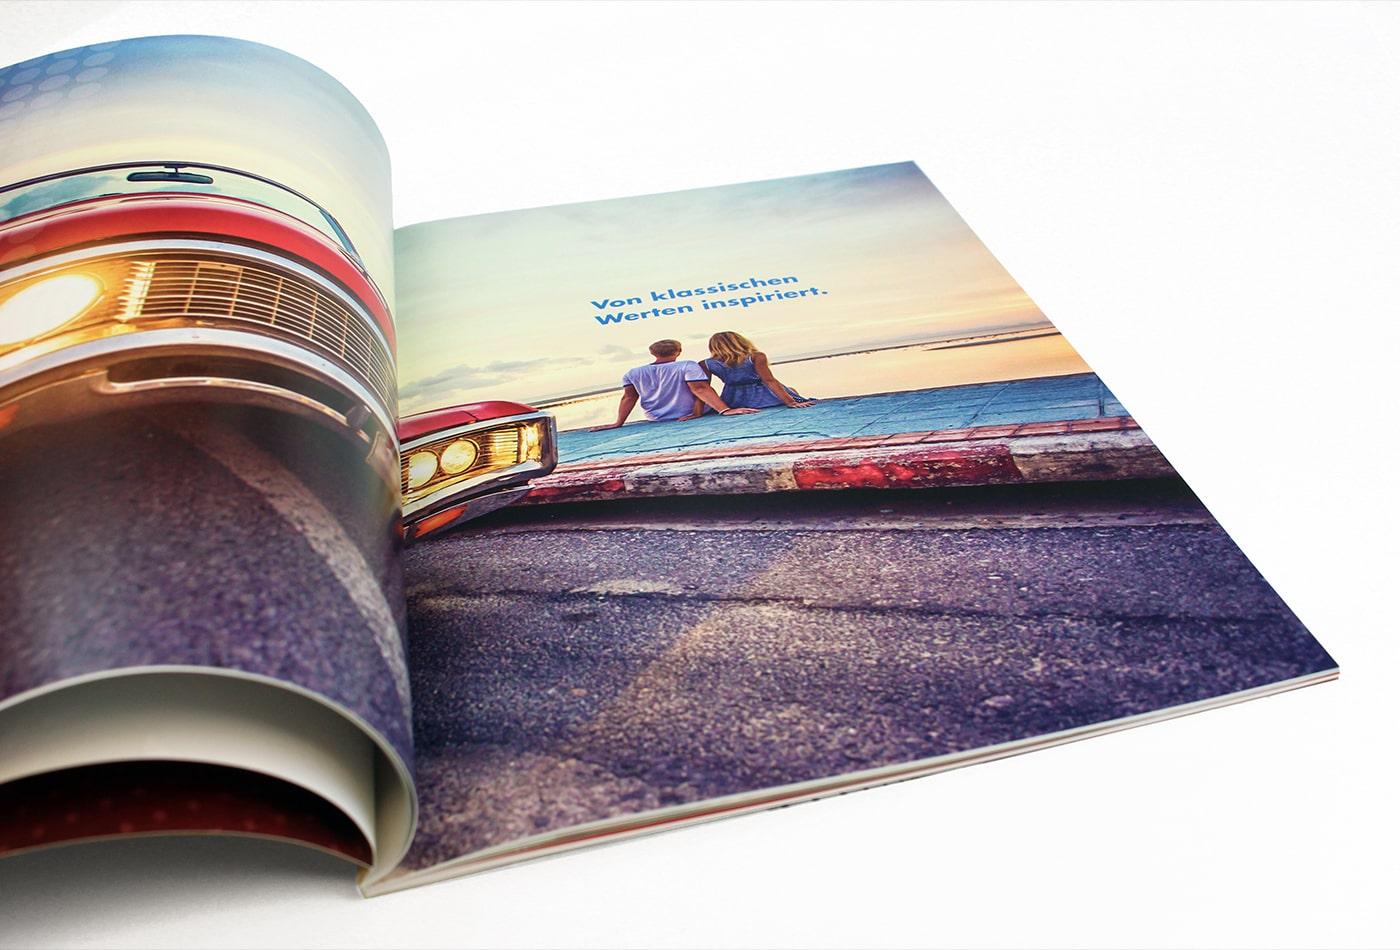 wildefreunde-kunde-bestreisen-broschuere-innenseite-1400x950-min